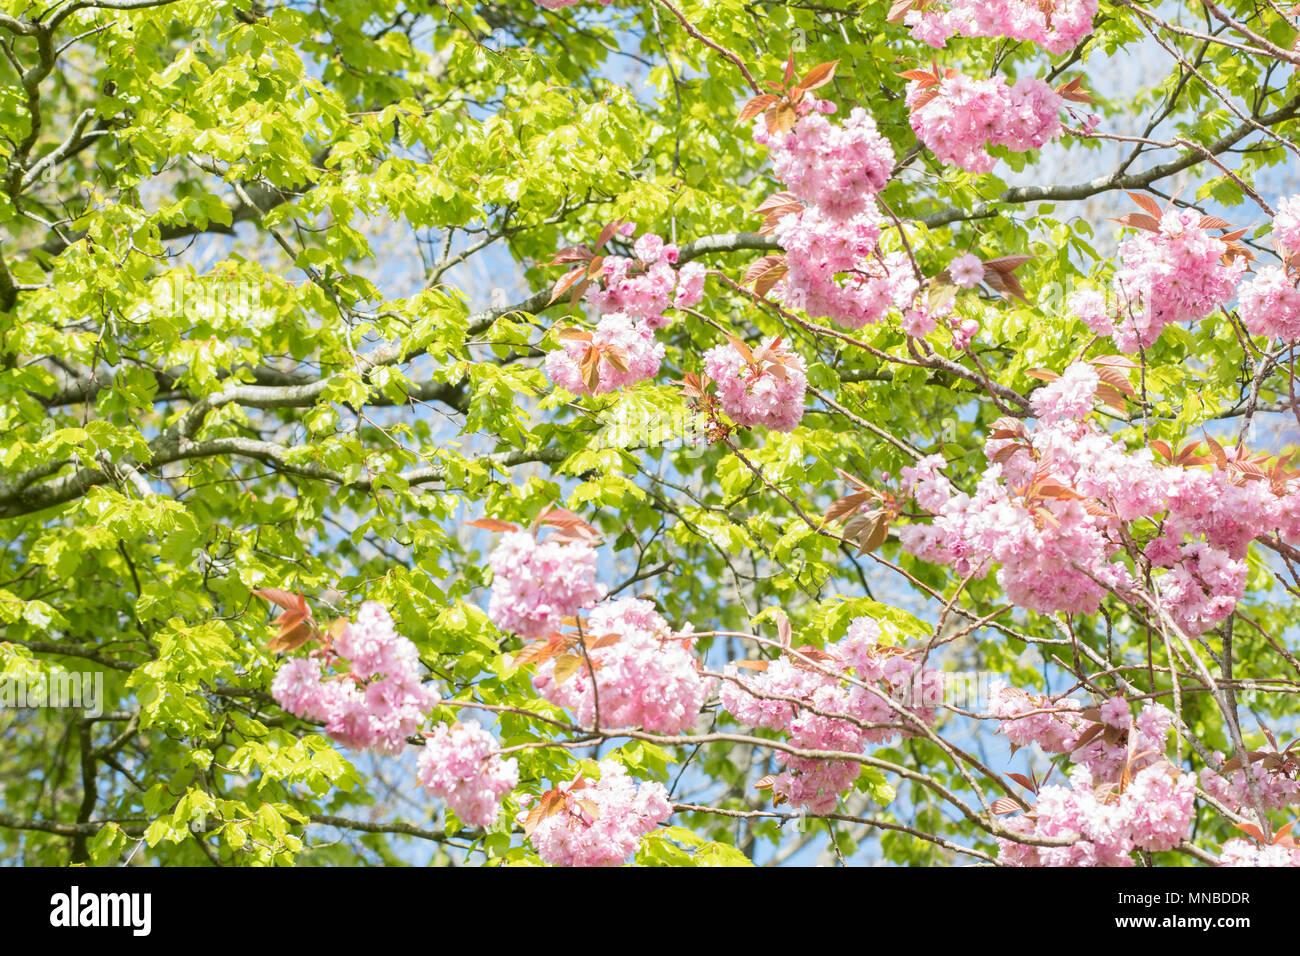 Printemps feuilles et fleurs - UK Photo Stock